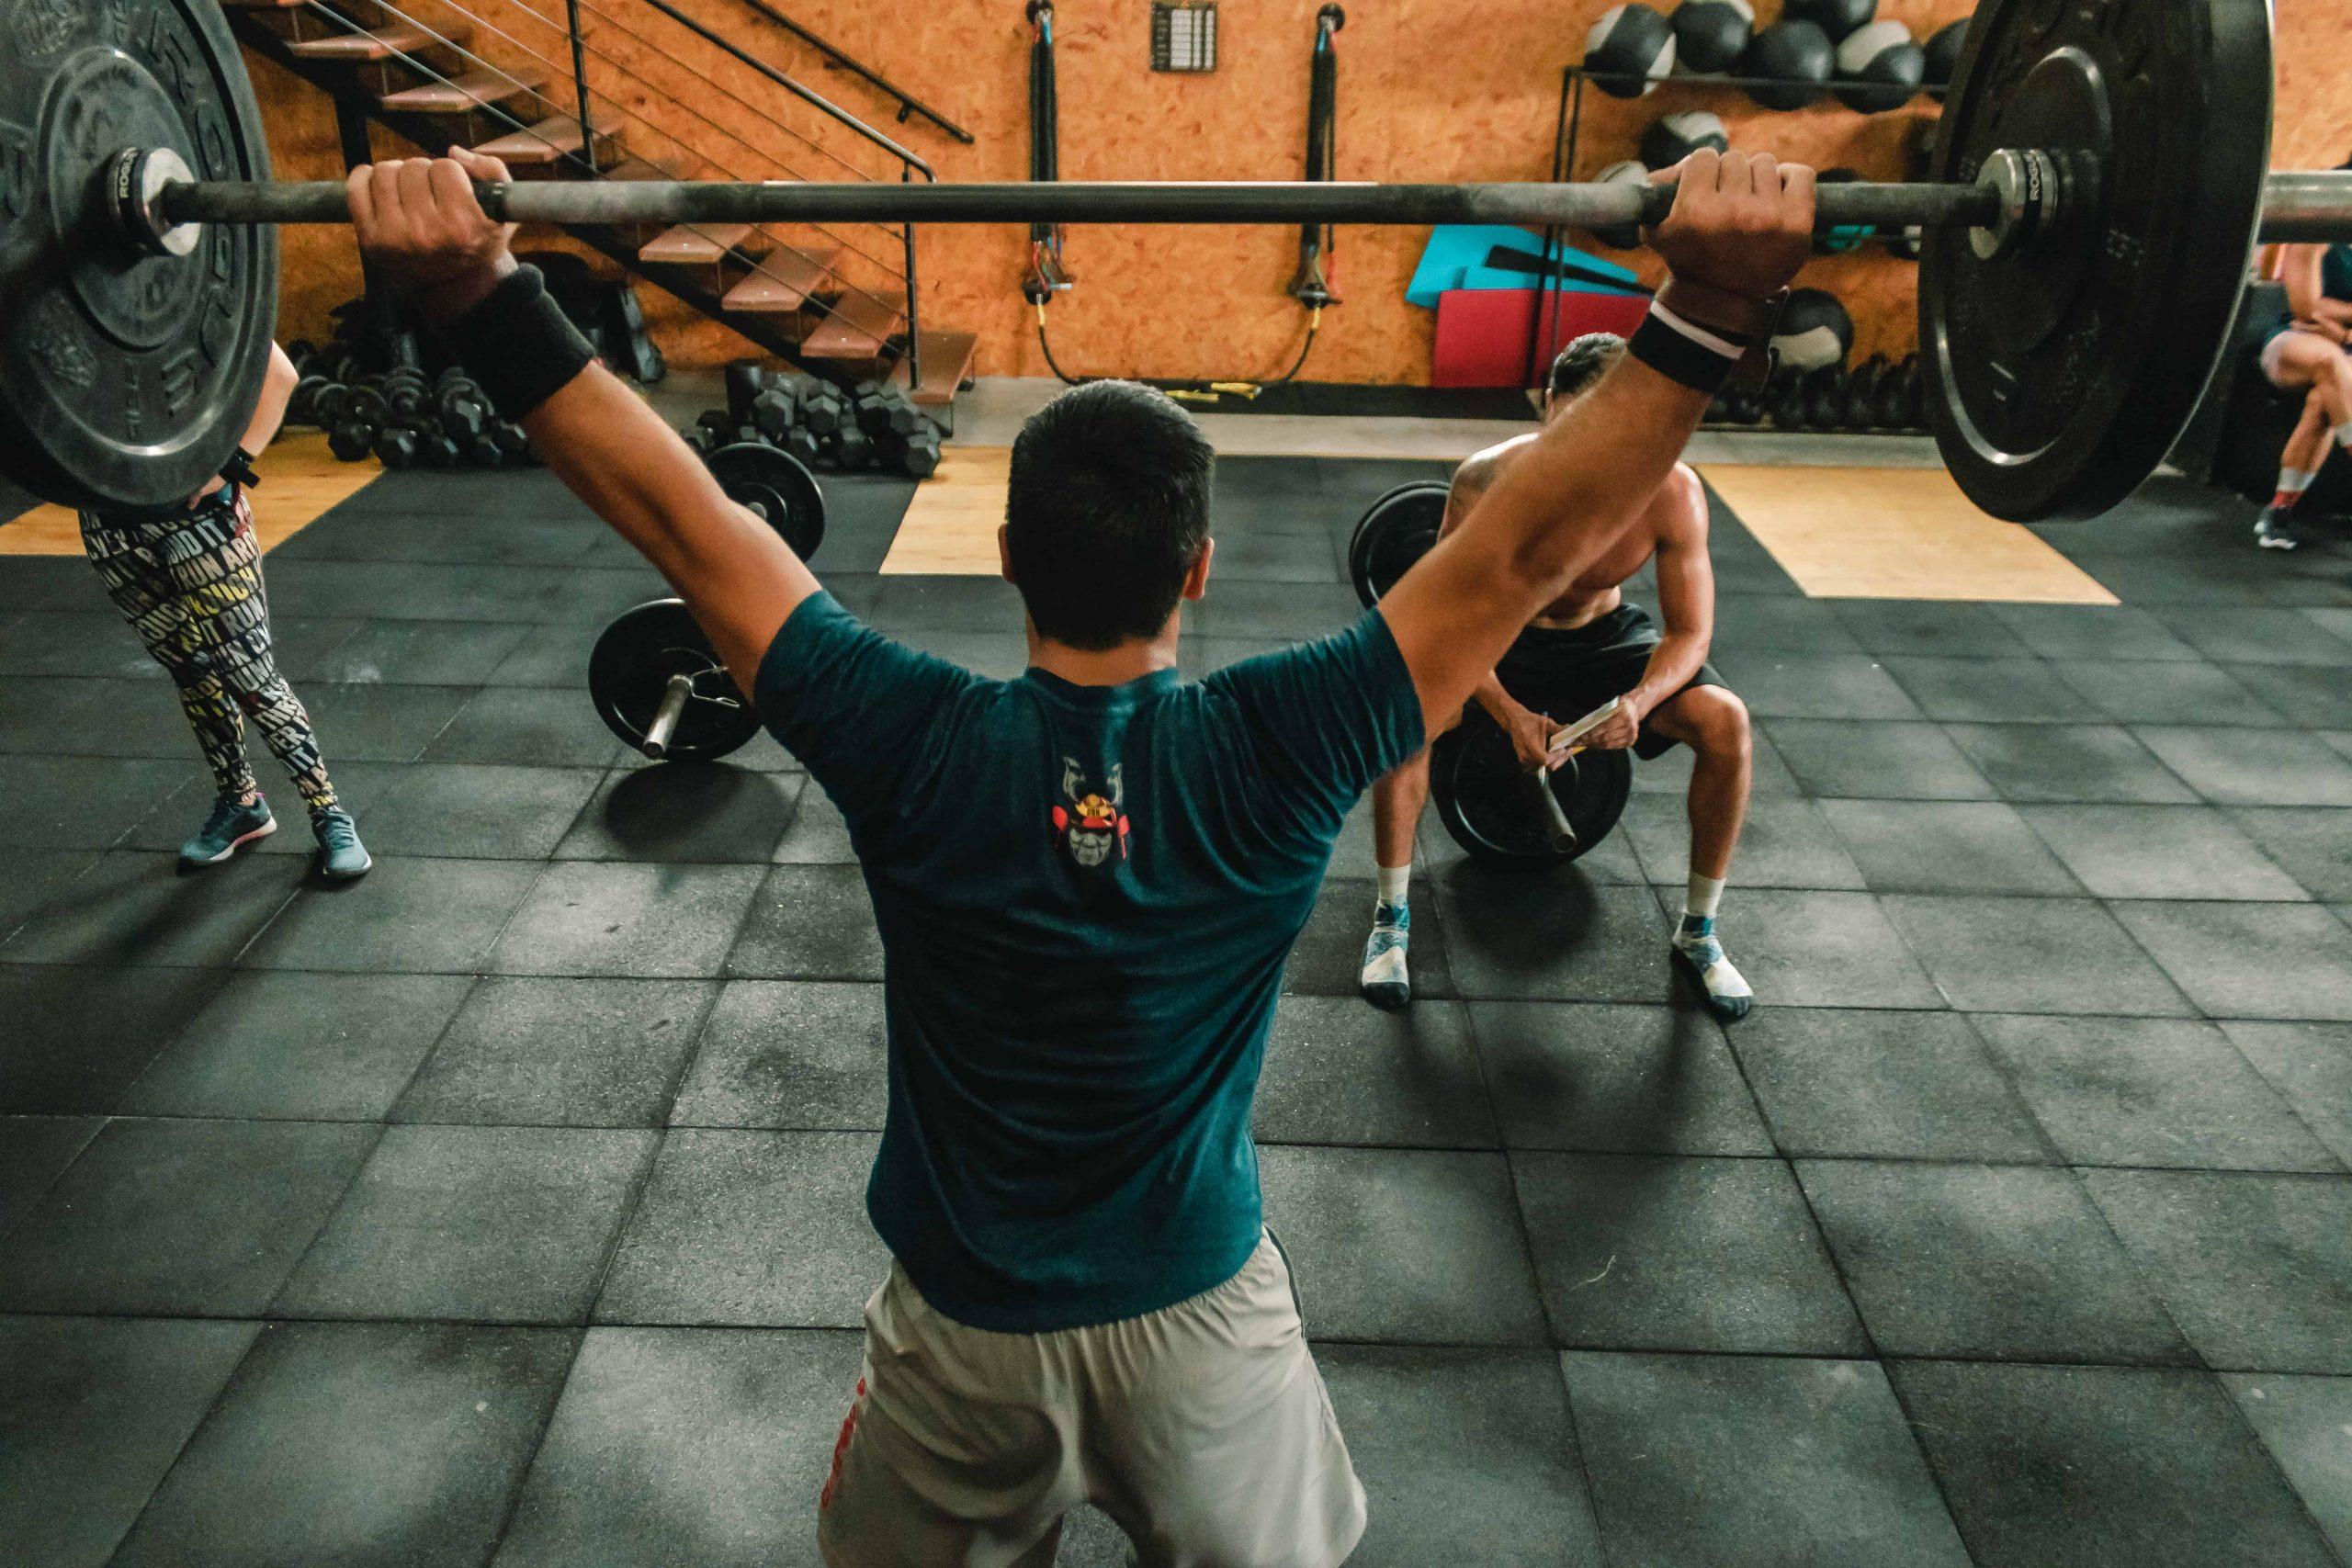 Fitnesstrainer Gehalt: Das verdienst du als Fitnesscoach (2021)